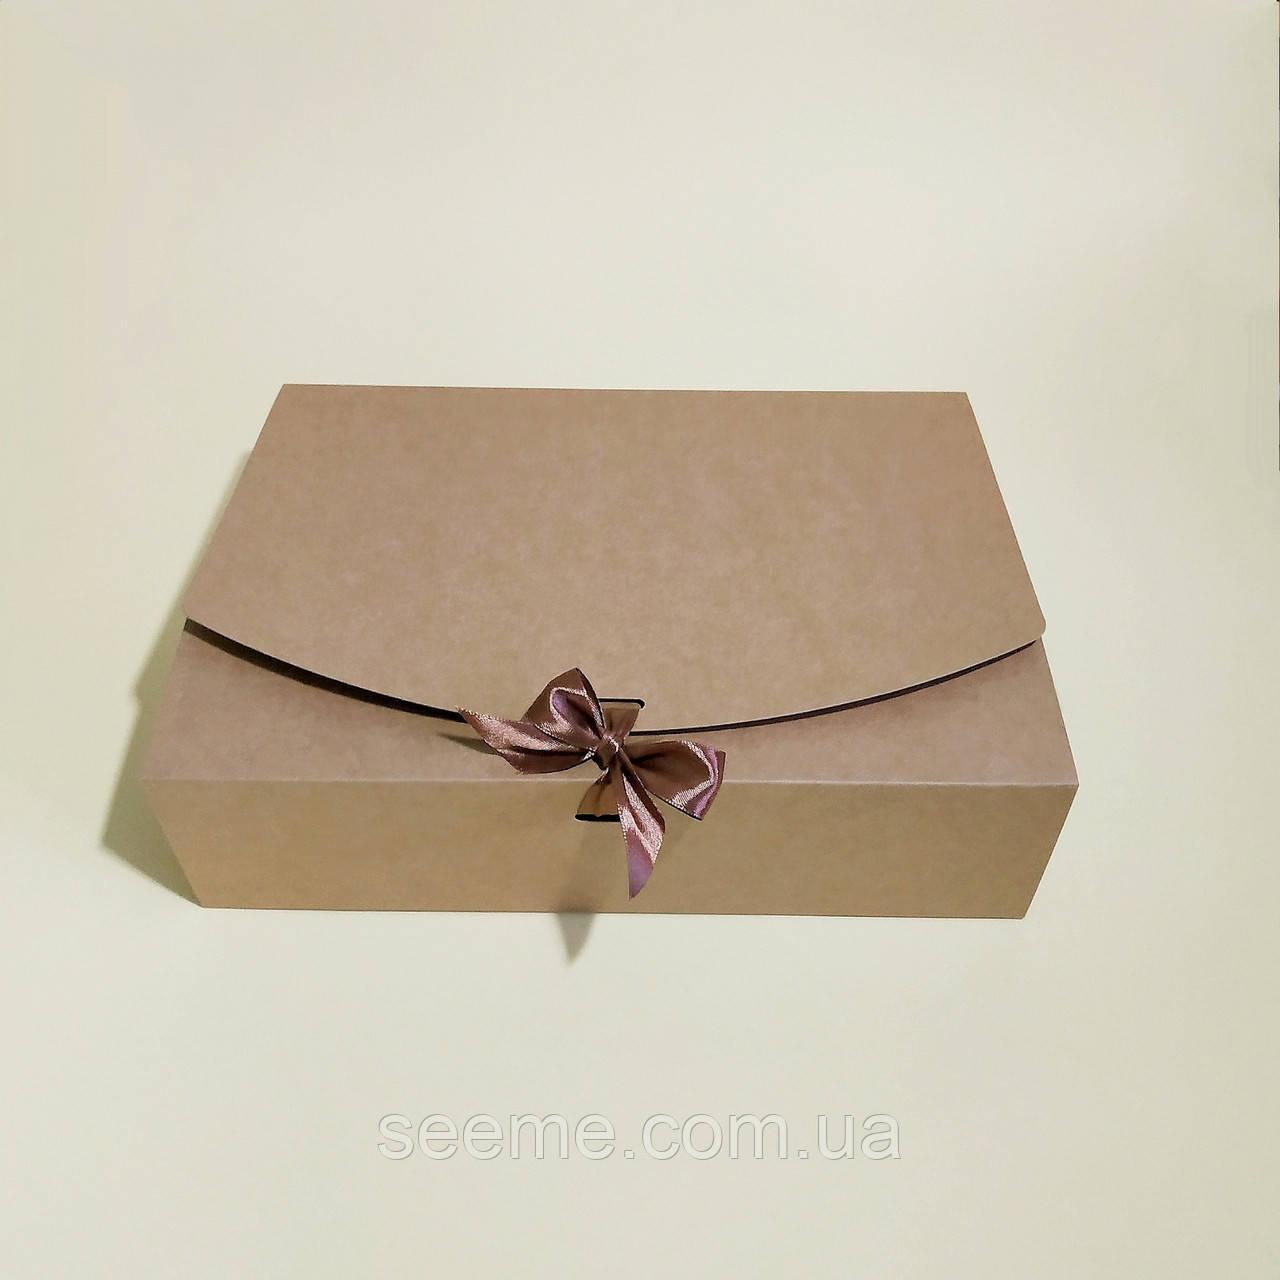 Коробка подарункова із крафт картону, 310х250х80 мм